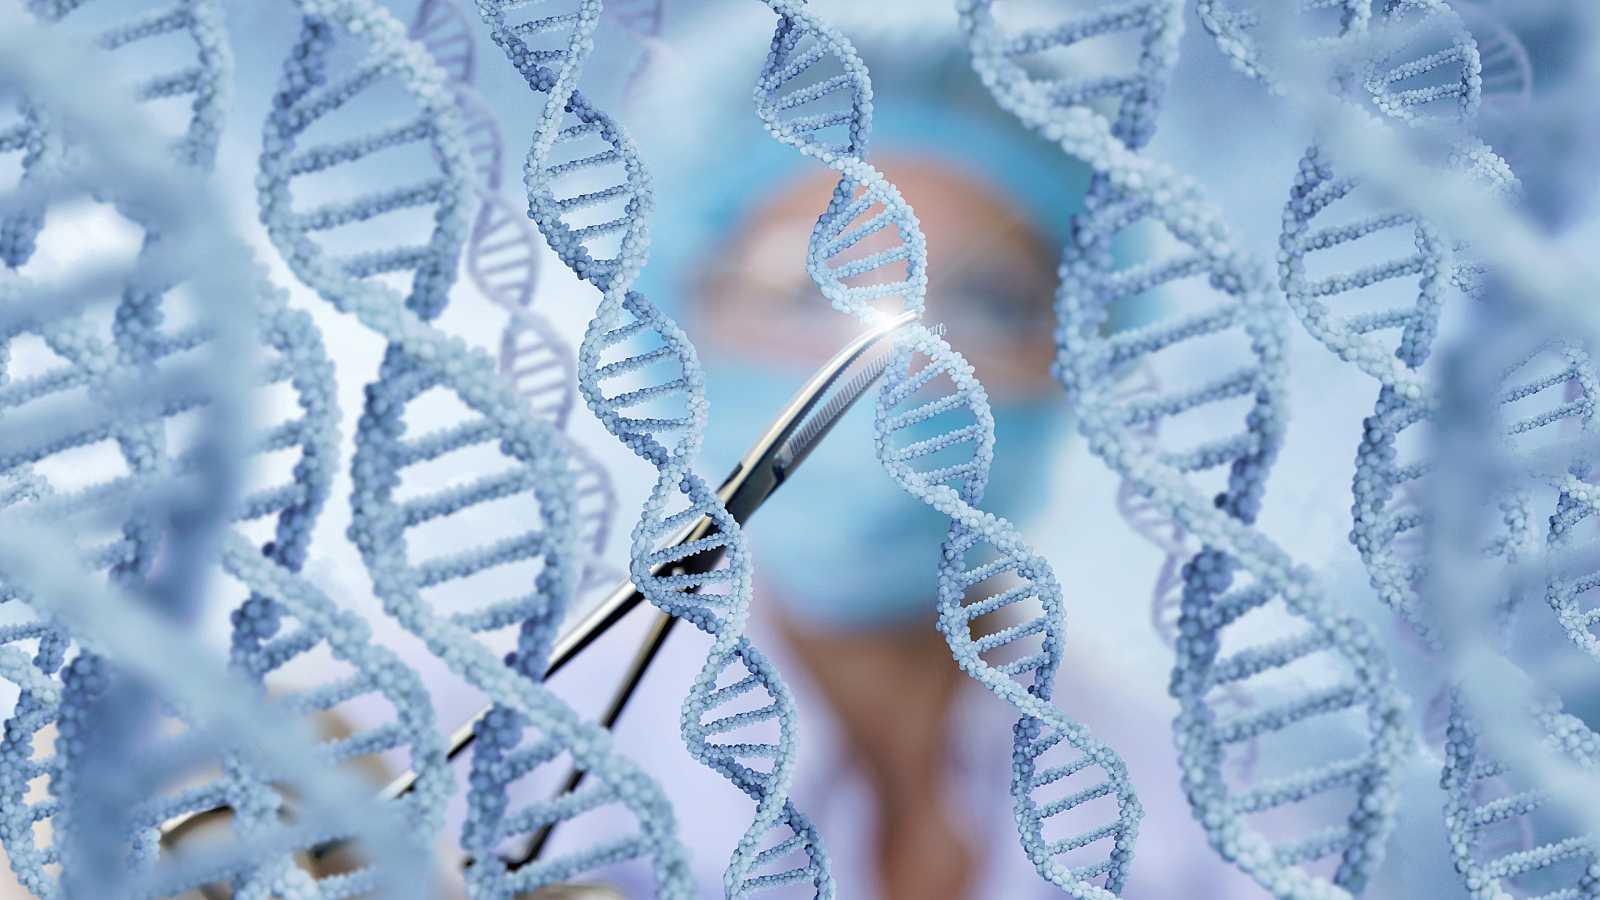 En la actualidad, la mayoría de las75.000 variantes humanas del ADN que se conocenno se pueden corregir de manera eficiente.